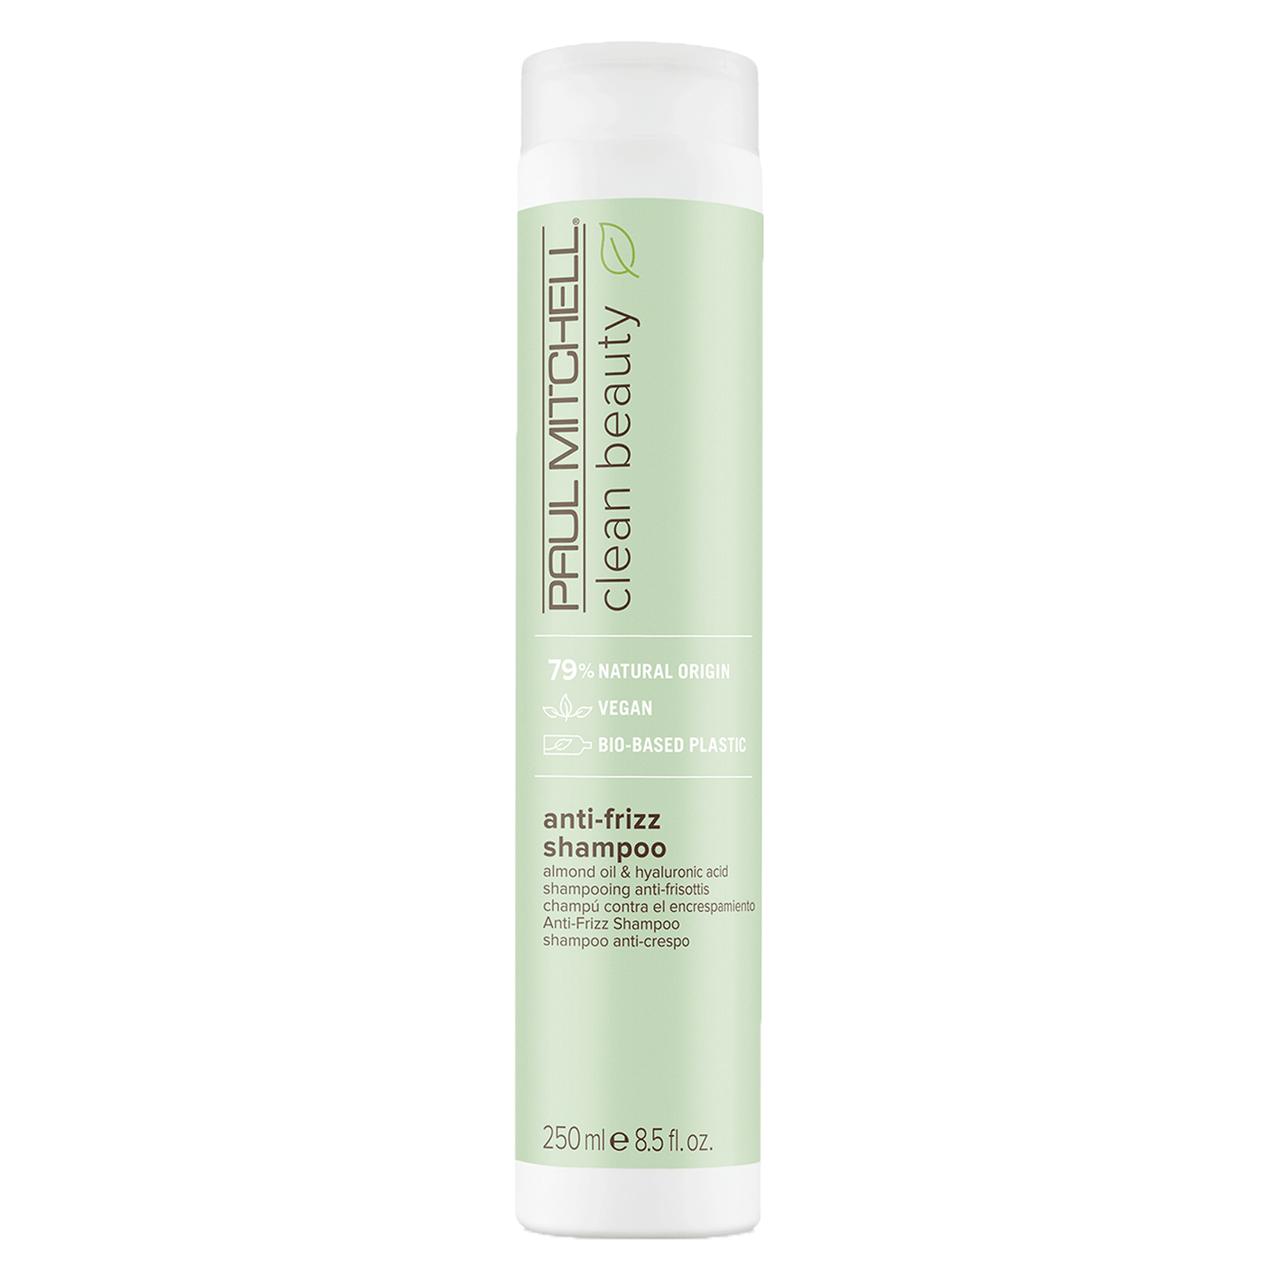 Paul Mitchell Clean Beauty Anti-Frizz Shampoo 8.5 oz